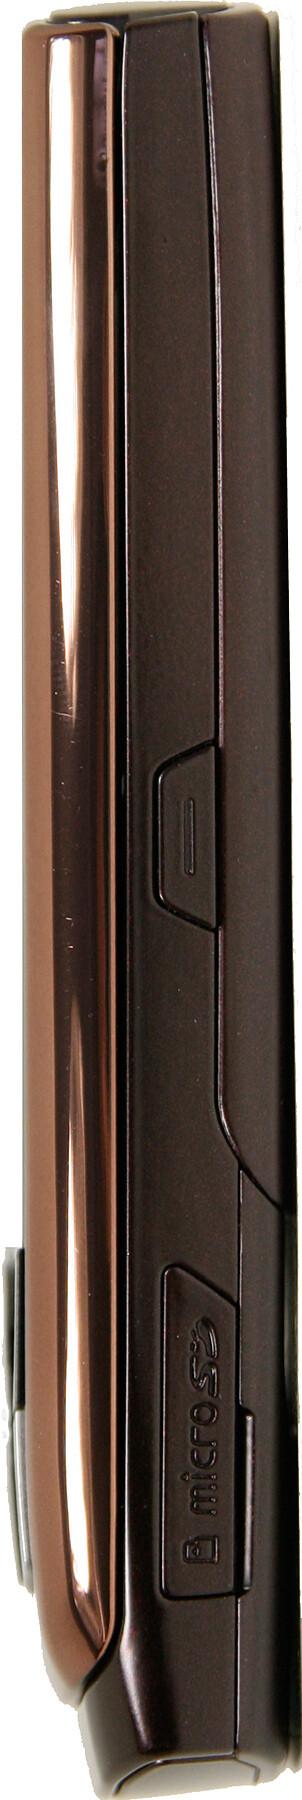 Samsung SGH-L770